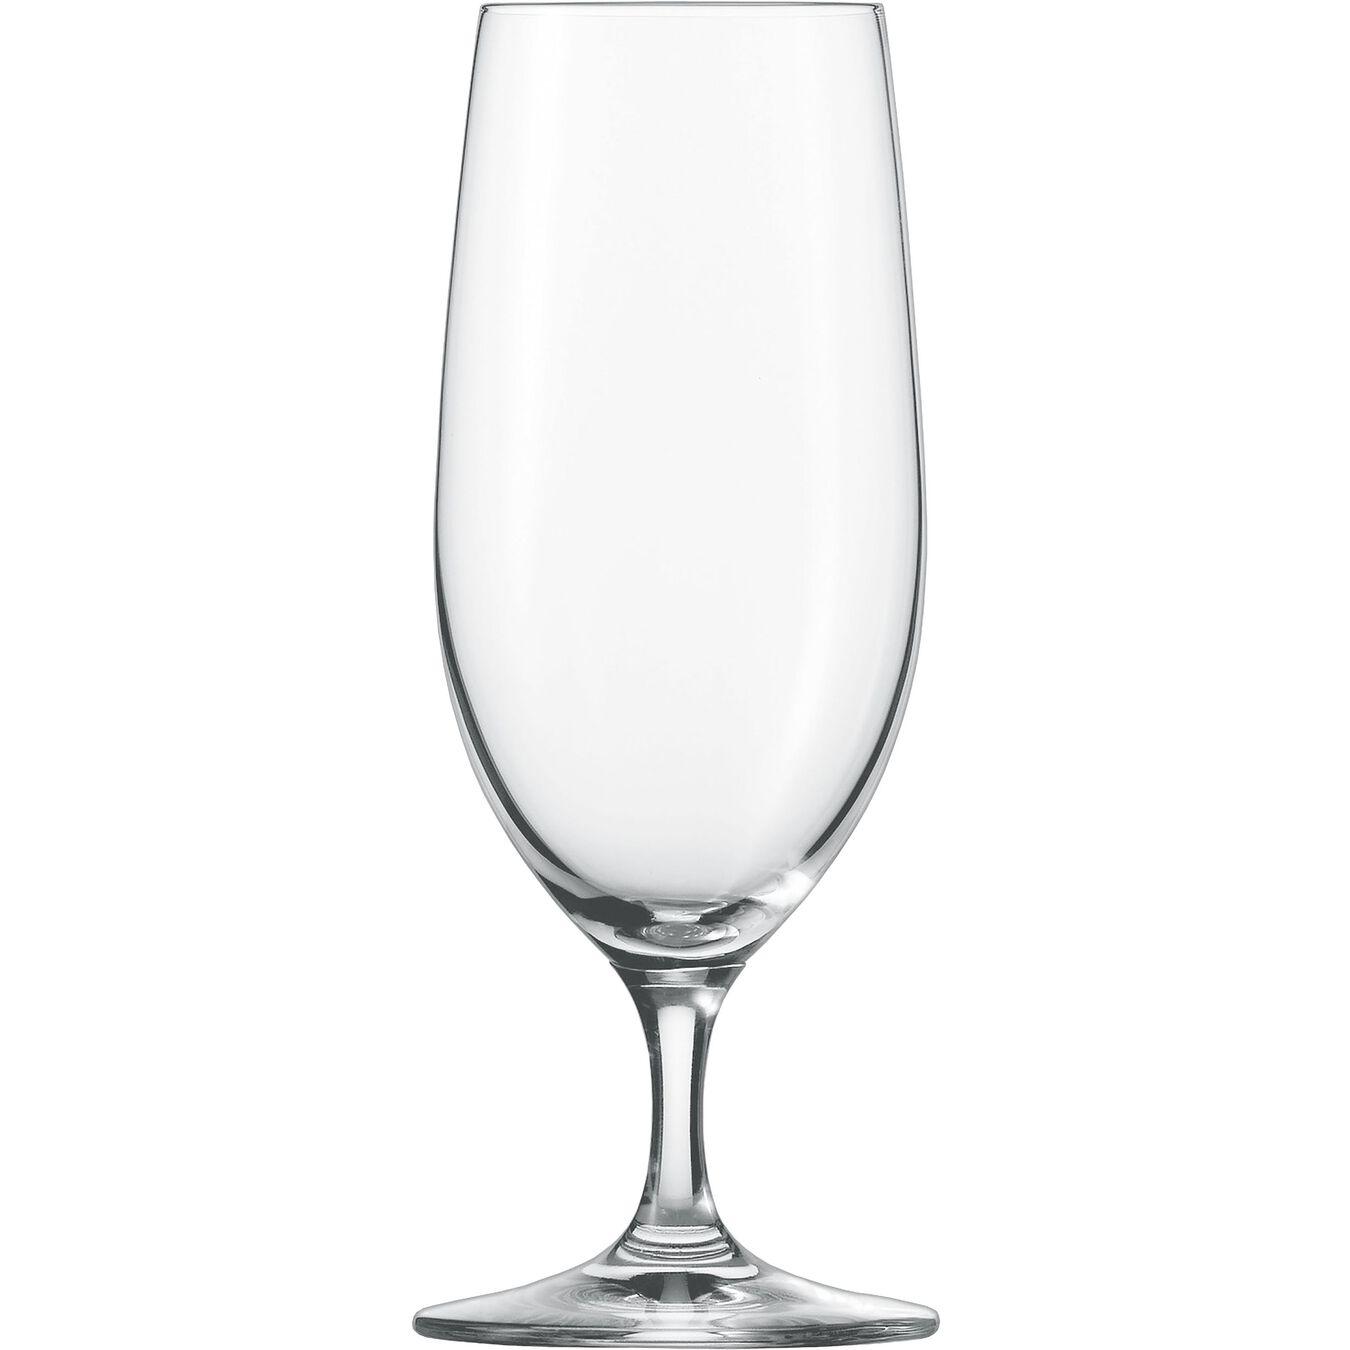 Bira Bardağı Seti   1-parça,,large 1